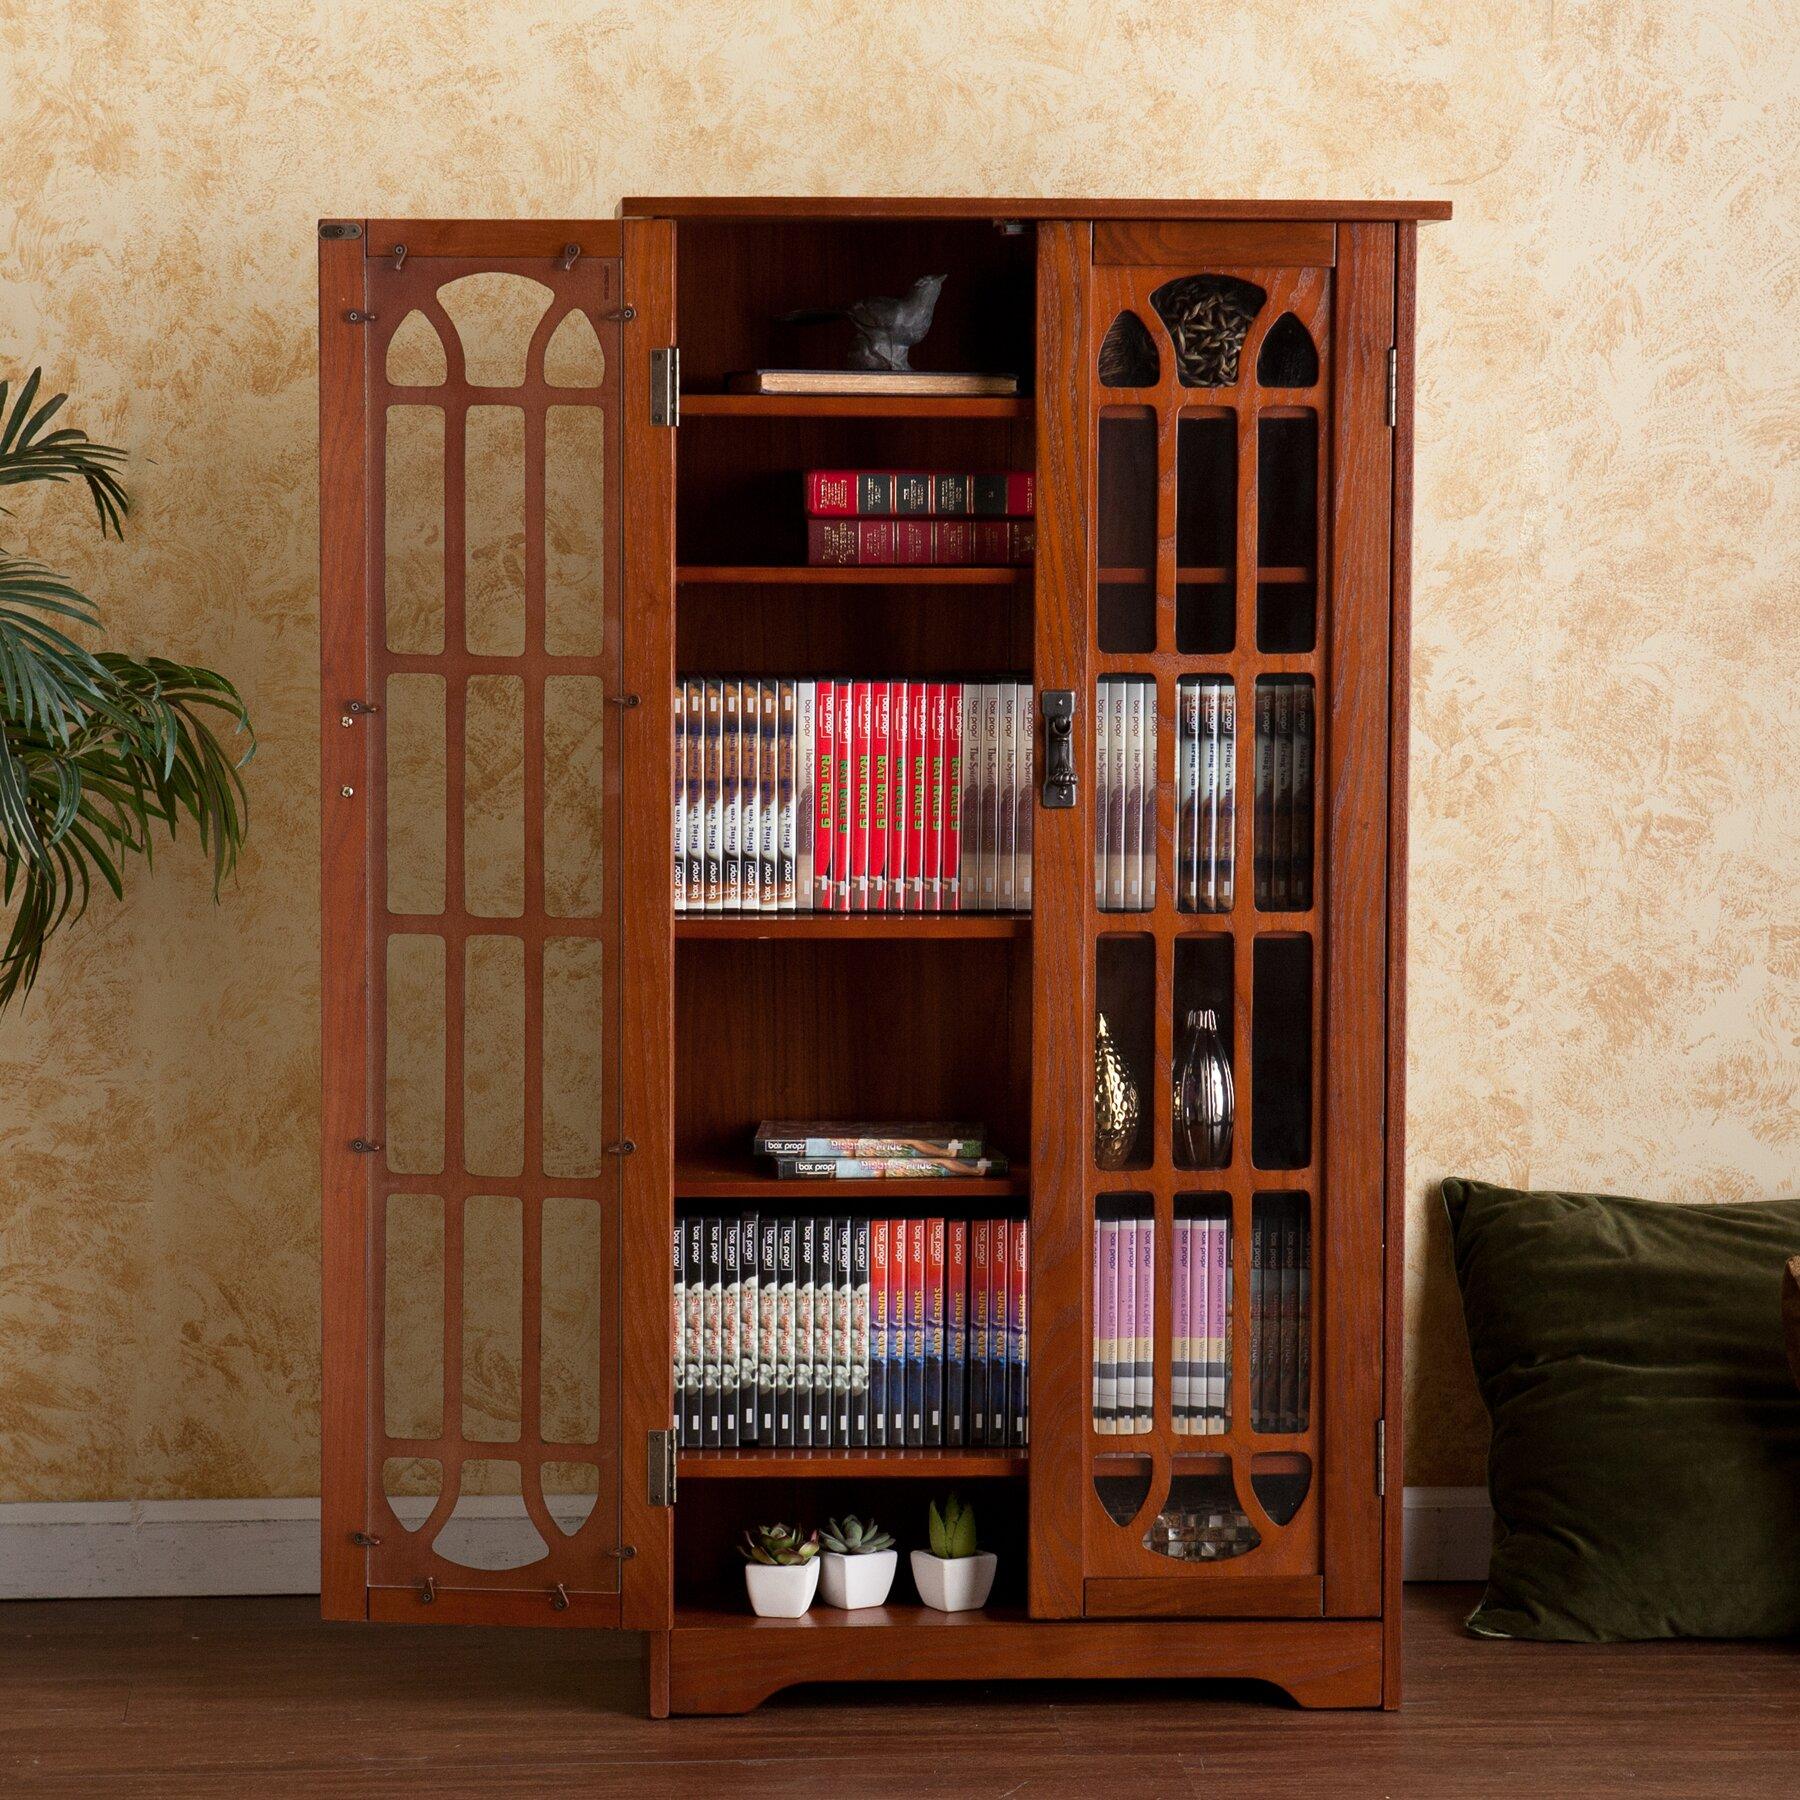 Home etc multimedia cabinet reviews wayfair uk for Furniture etc reviews